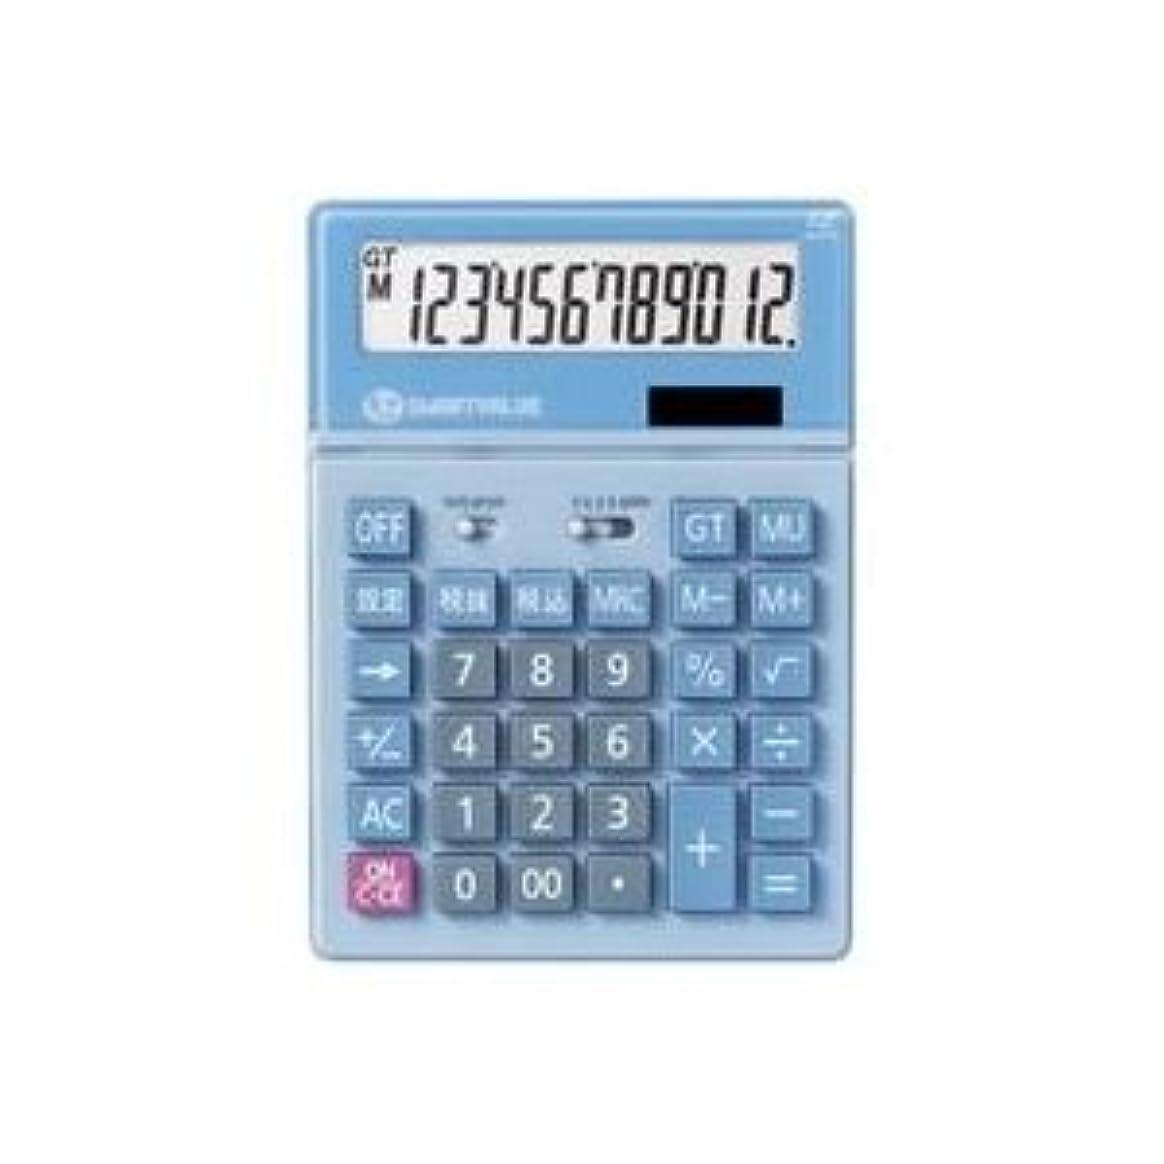 杖レタッチサイト(業務用30セット) ジョインテックス 大型電卓 K040J 生活用品 インテリア 雑貨 文具 オフィス用品 電卓 14067381 [並行輸入品]